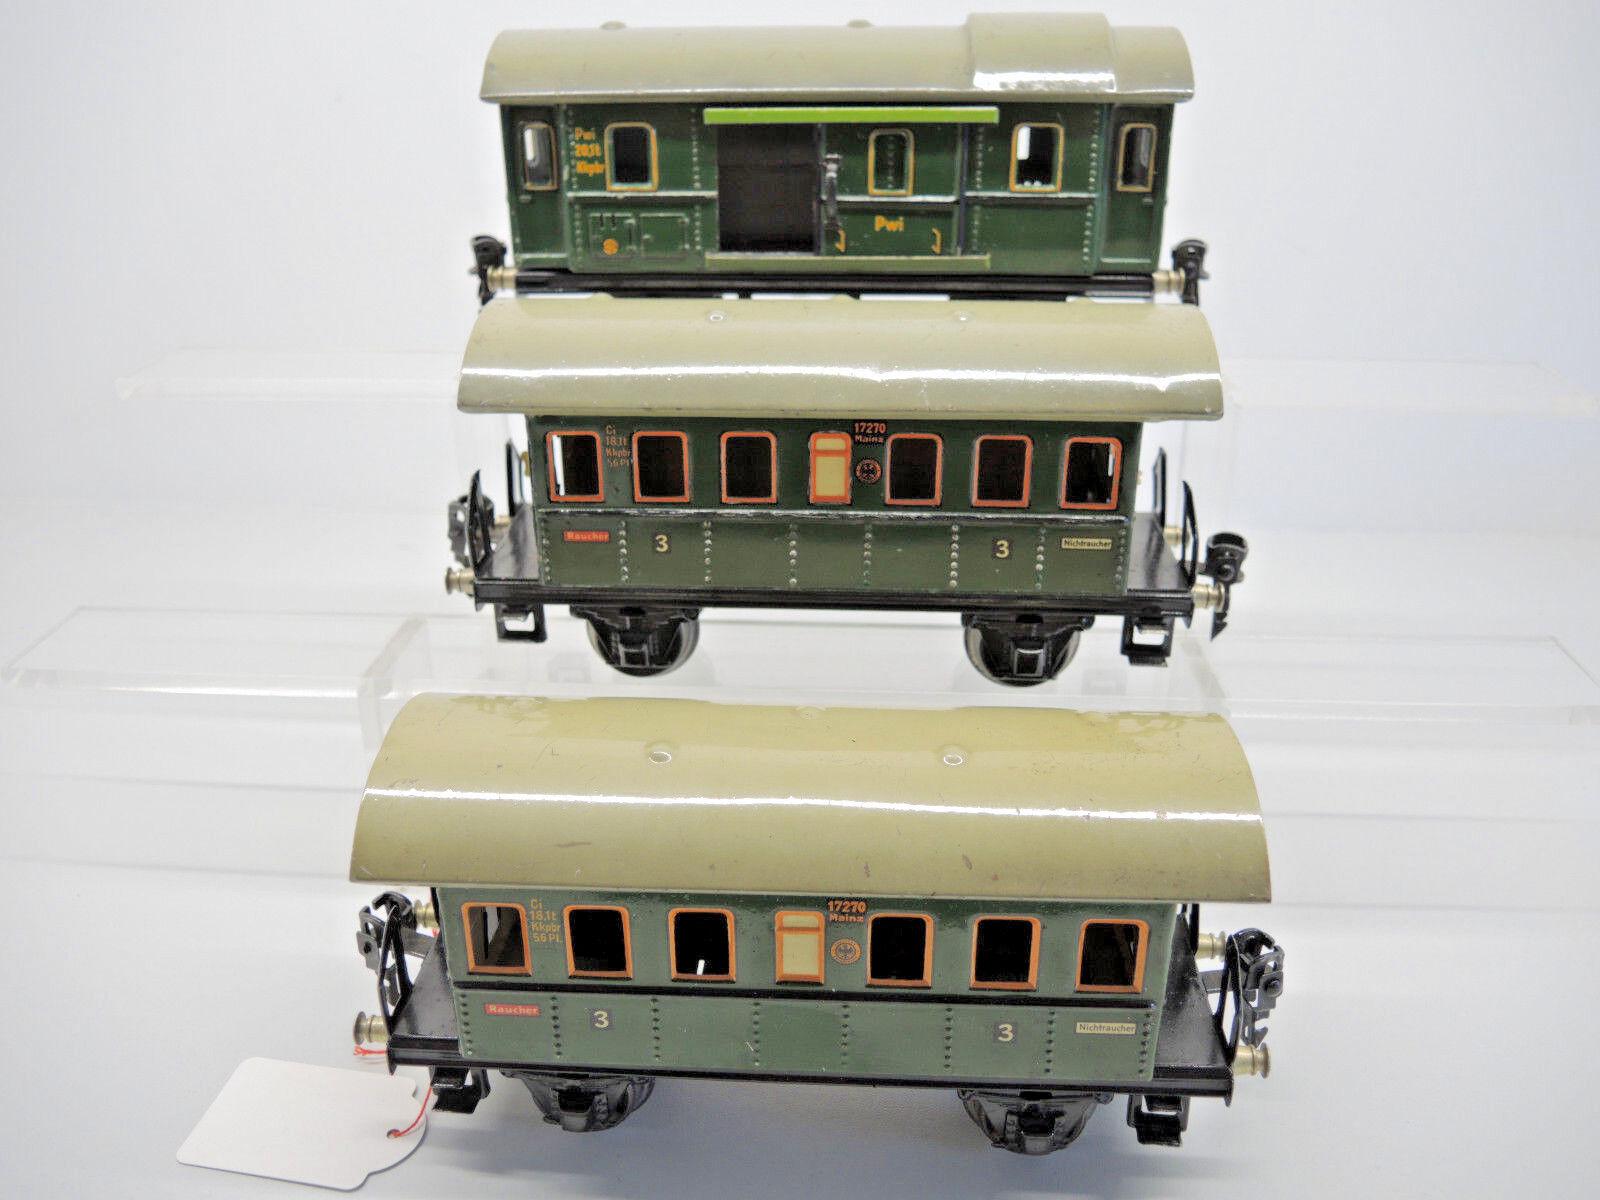 2 x 1727/0, vagoni, 1 x 1728/0, carrello Borsaagli, senza imballaggio originale